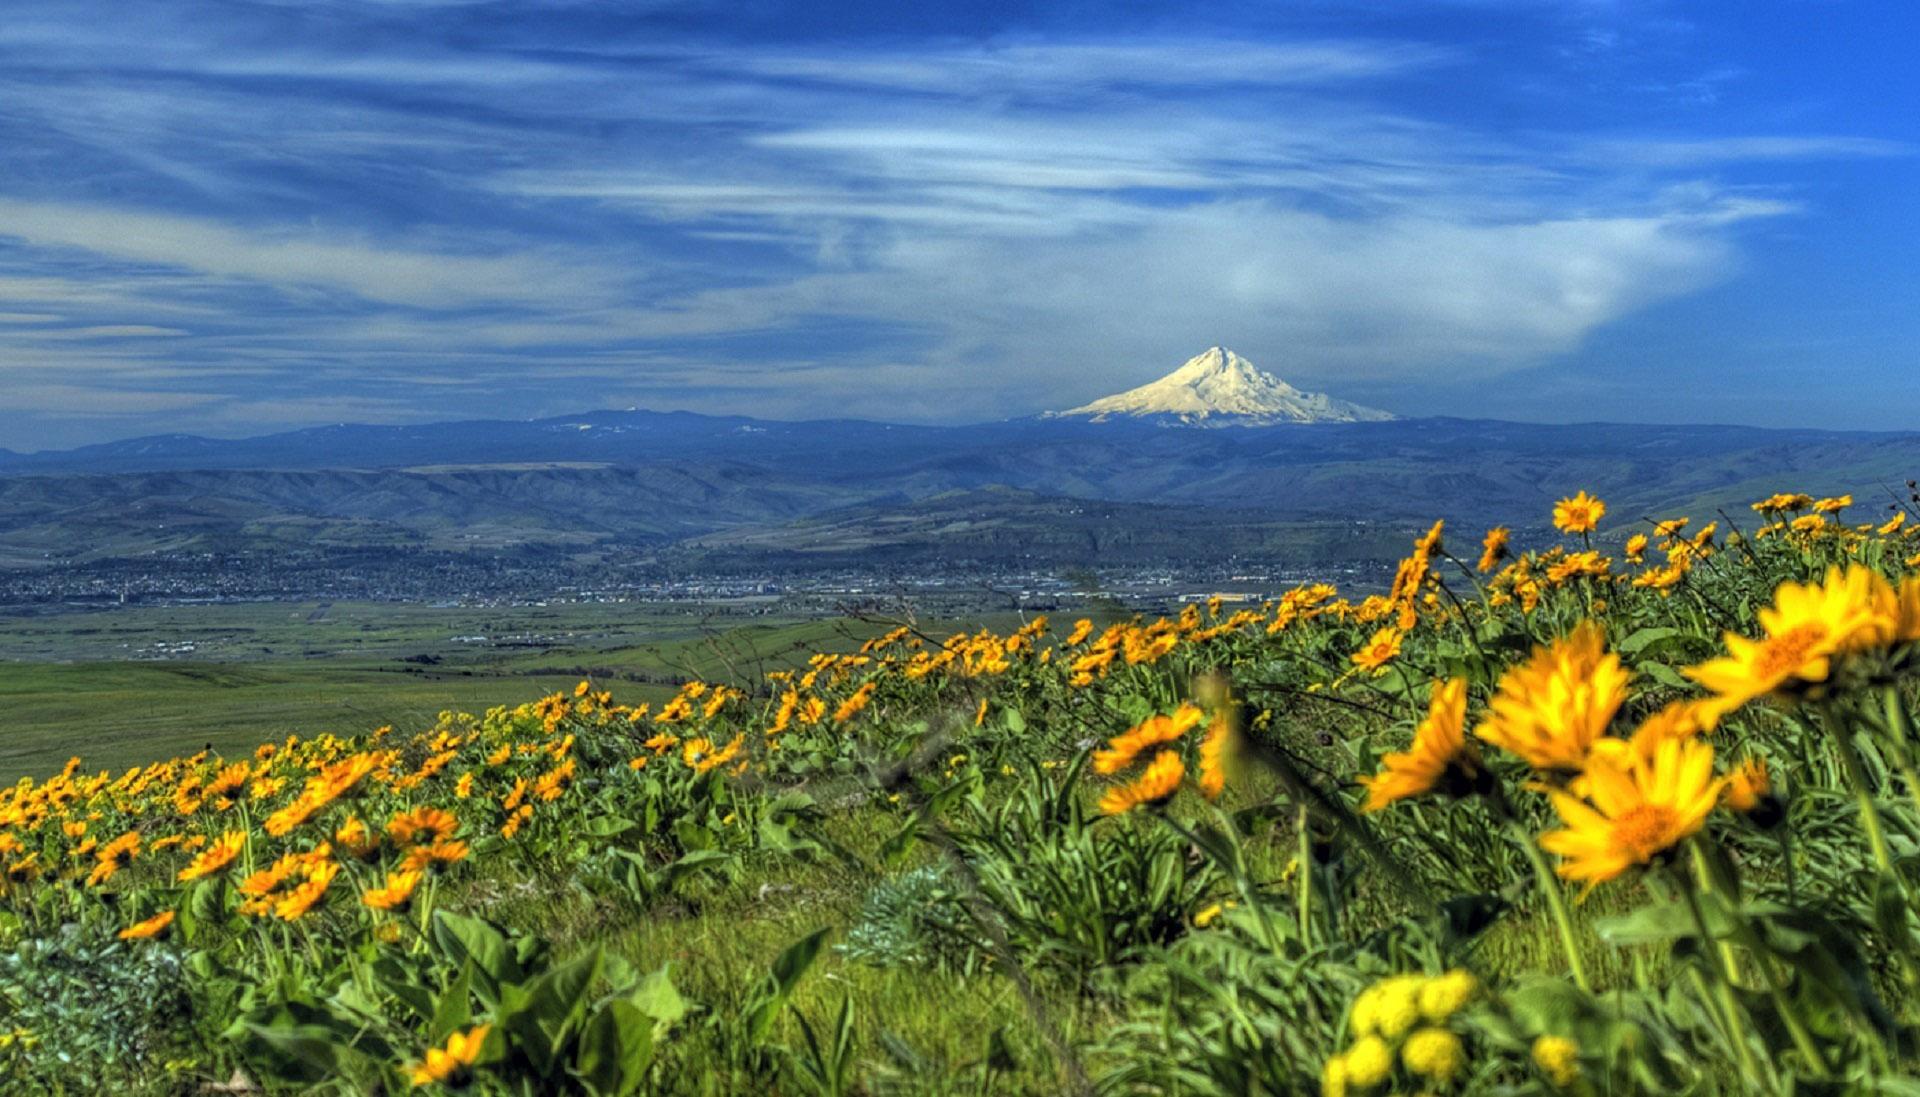 Landscape Near Mount Hood Oregon Image Free Stock Photo